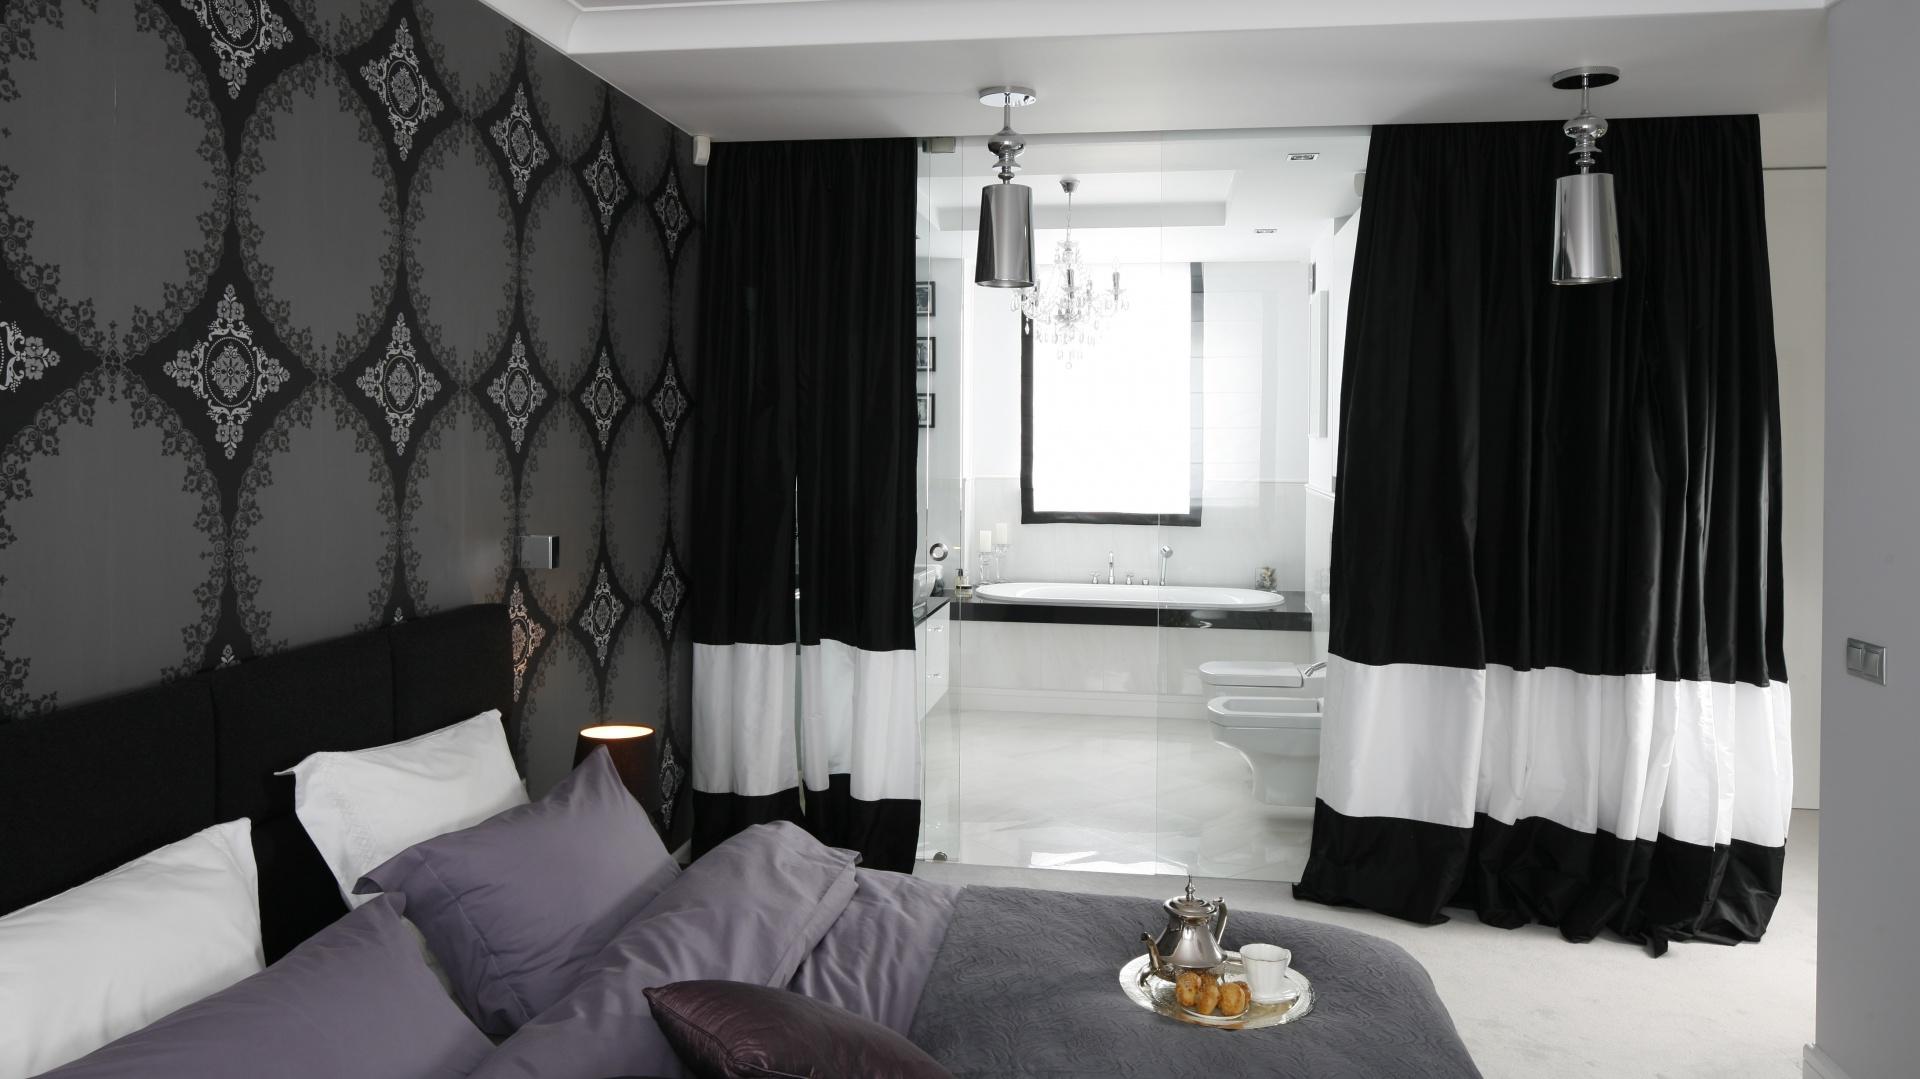 We wnętrzu granicę między strefą łazienkową i sypialnianą wyznacza tafla szkła oraz czarno – białe zasłony. Proj. Magdalena Smyk. Fot. Bartosz Jarosz.